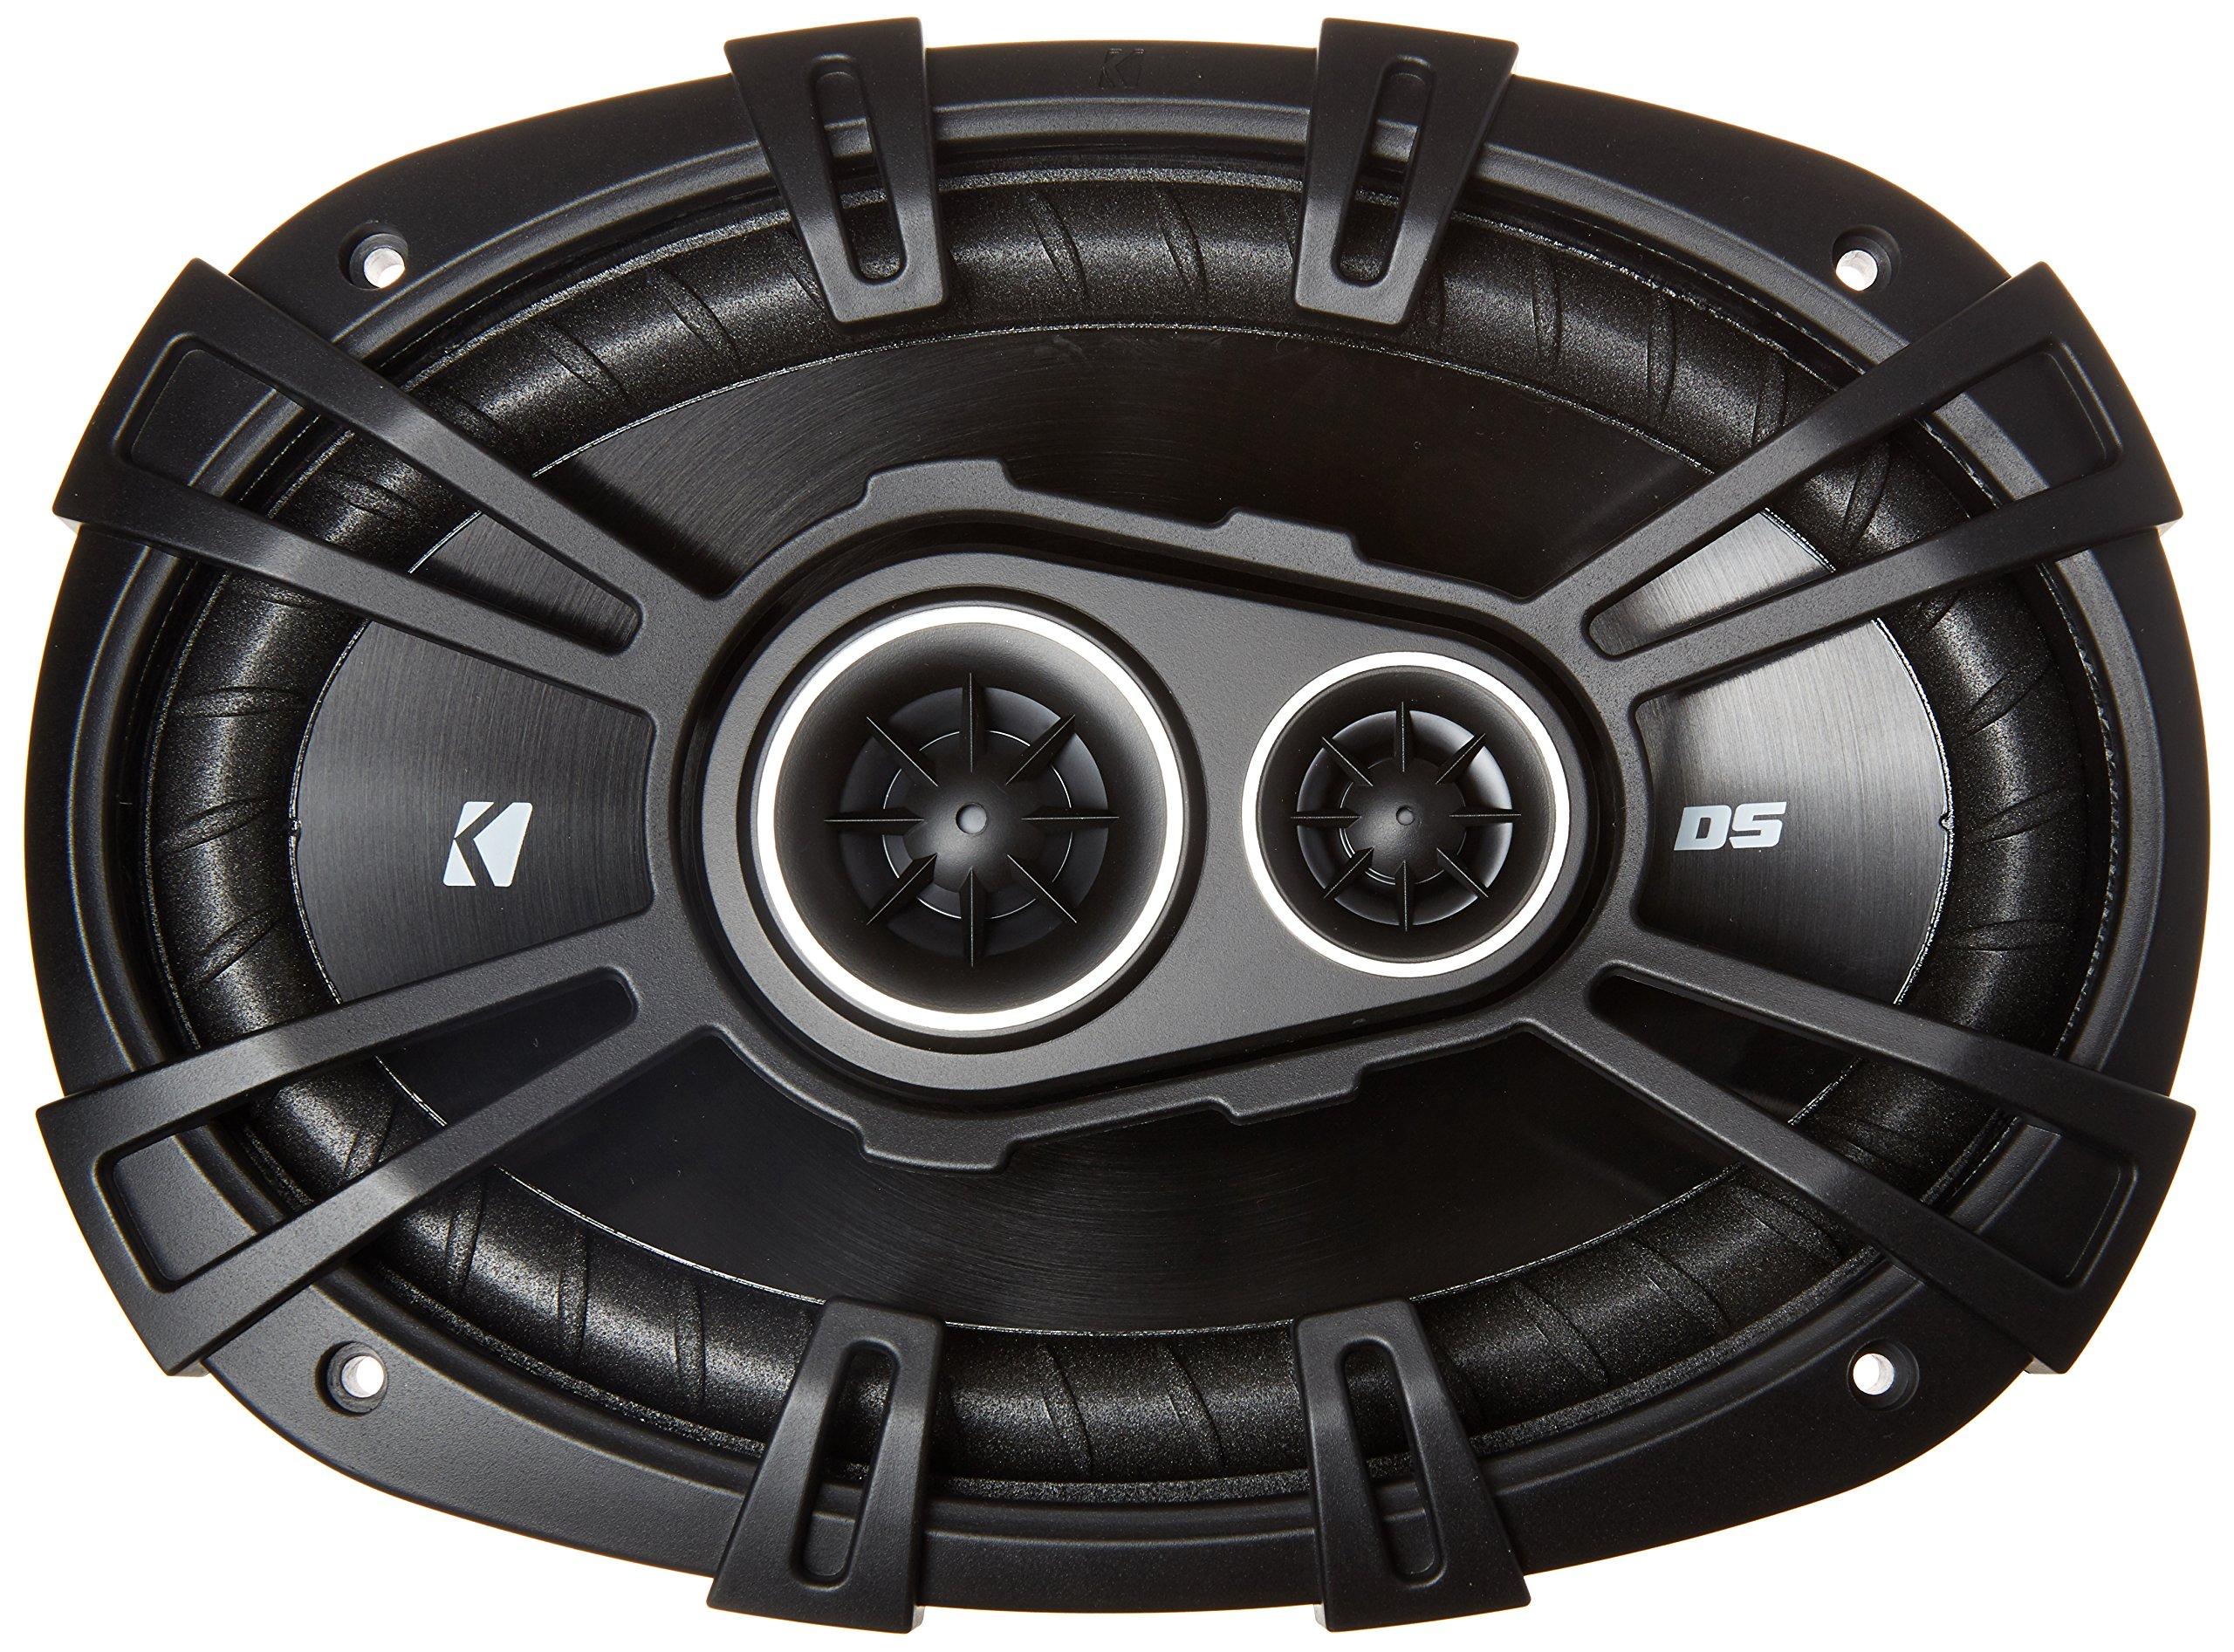 2 New Kicker 43DSC69304 D-Series 6x9 360 Watt 3-Way Car Audio Coaxial Speakers by KICKER